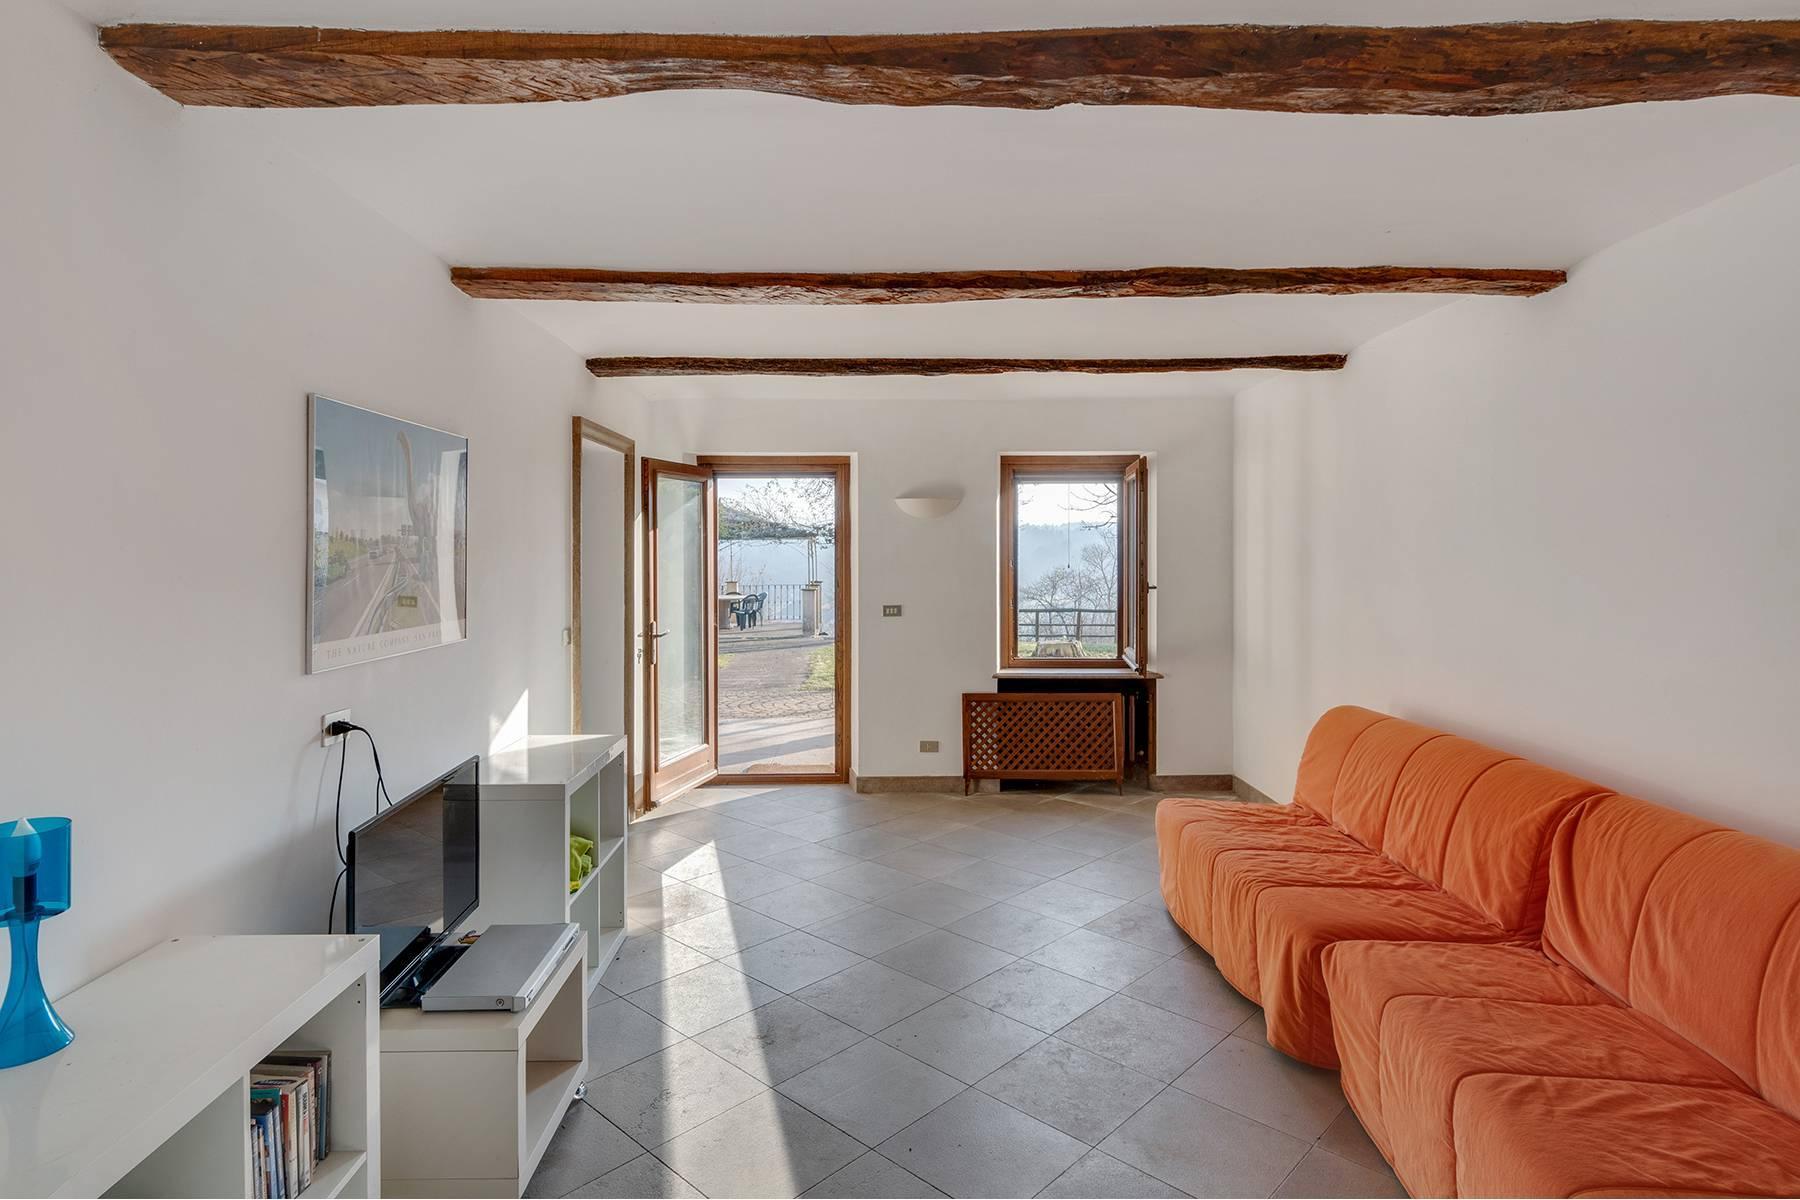 Villa mit Blick auf die Roero Gegend - 2